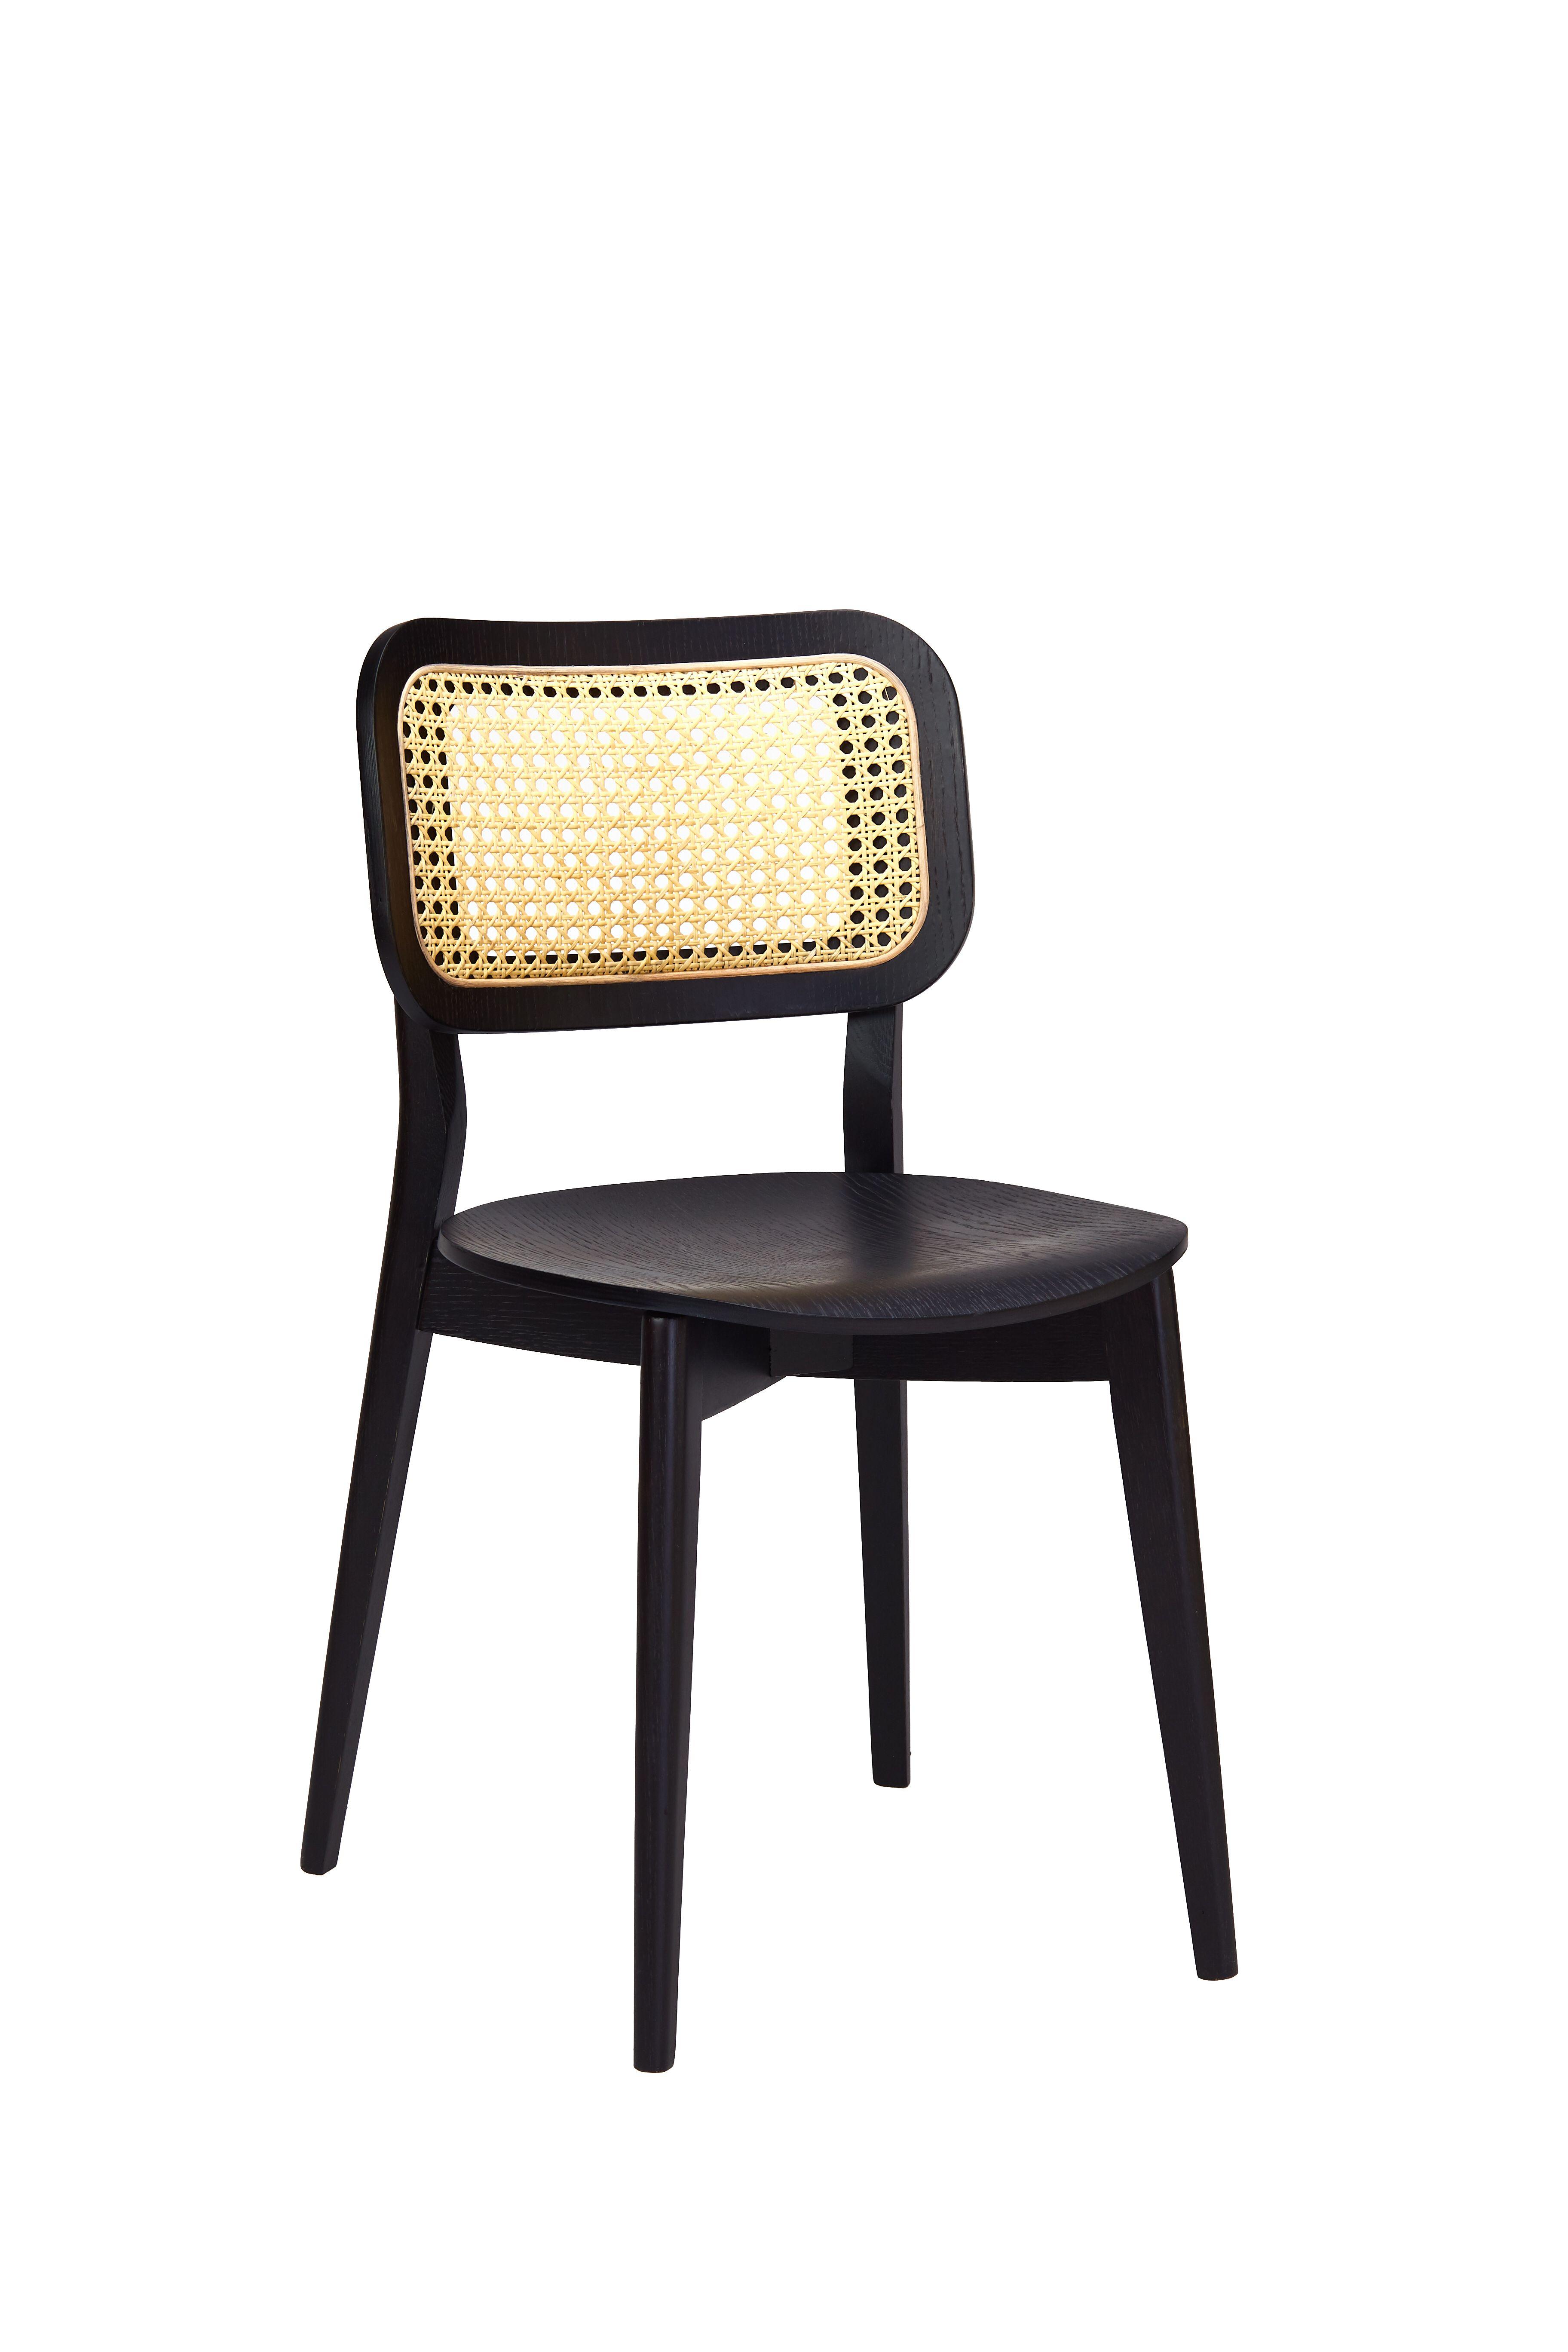 Chair Net Chair Furniture Home Decor